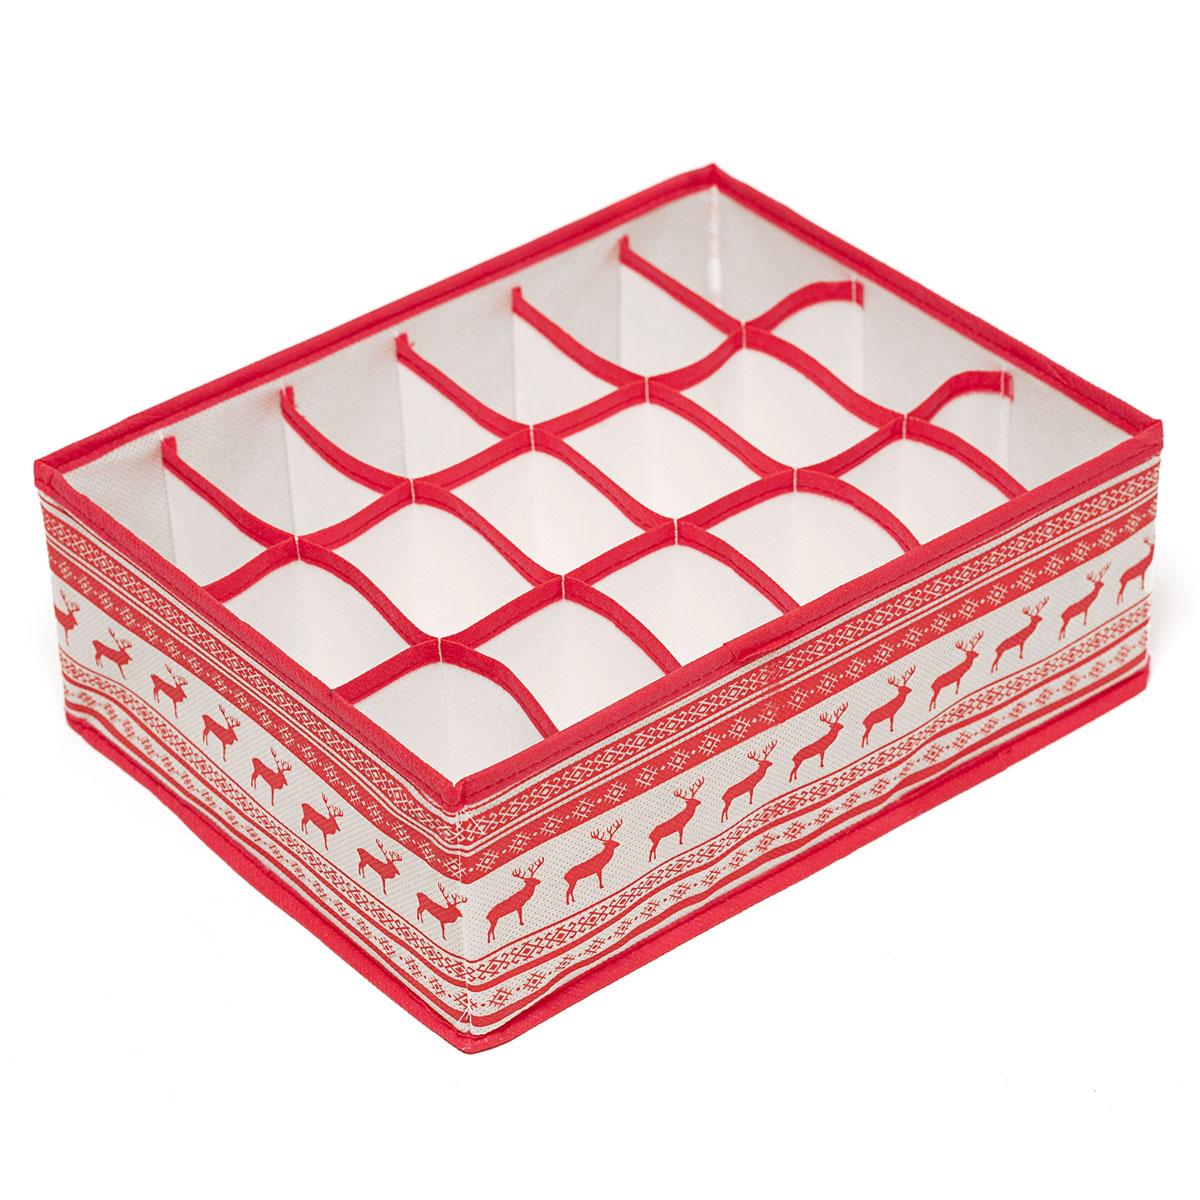 Органайзер для хранения вещей Homsu Scandinavia, 18 секций, 31 х 24 х 11 смTD 0033Компактный складной органайзер Homsu Scandinavia изготовлен из высококачественного полиэстера, который обеспечивает естественную вентиляцию. Материал позволяет воздуху свободно проникать внутрь, но не пропускает пыль. Органайзер отлично держит форму, благодаря вставкам из плотного картона. Изделие имеет 18 квадратных секций для хранения носков, платков, галстуков и других вещей.Такой органайзер позволит вам хранить вещи компактно и удобно.Размер секции: 7 х 5 см.